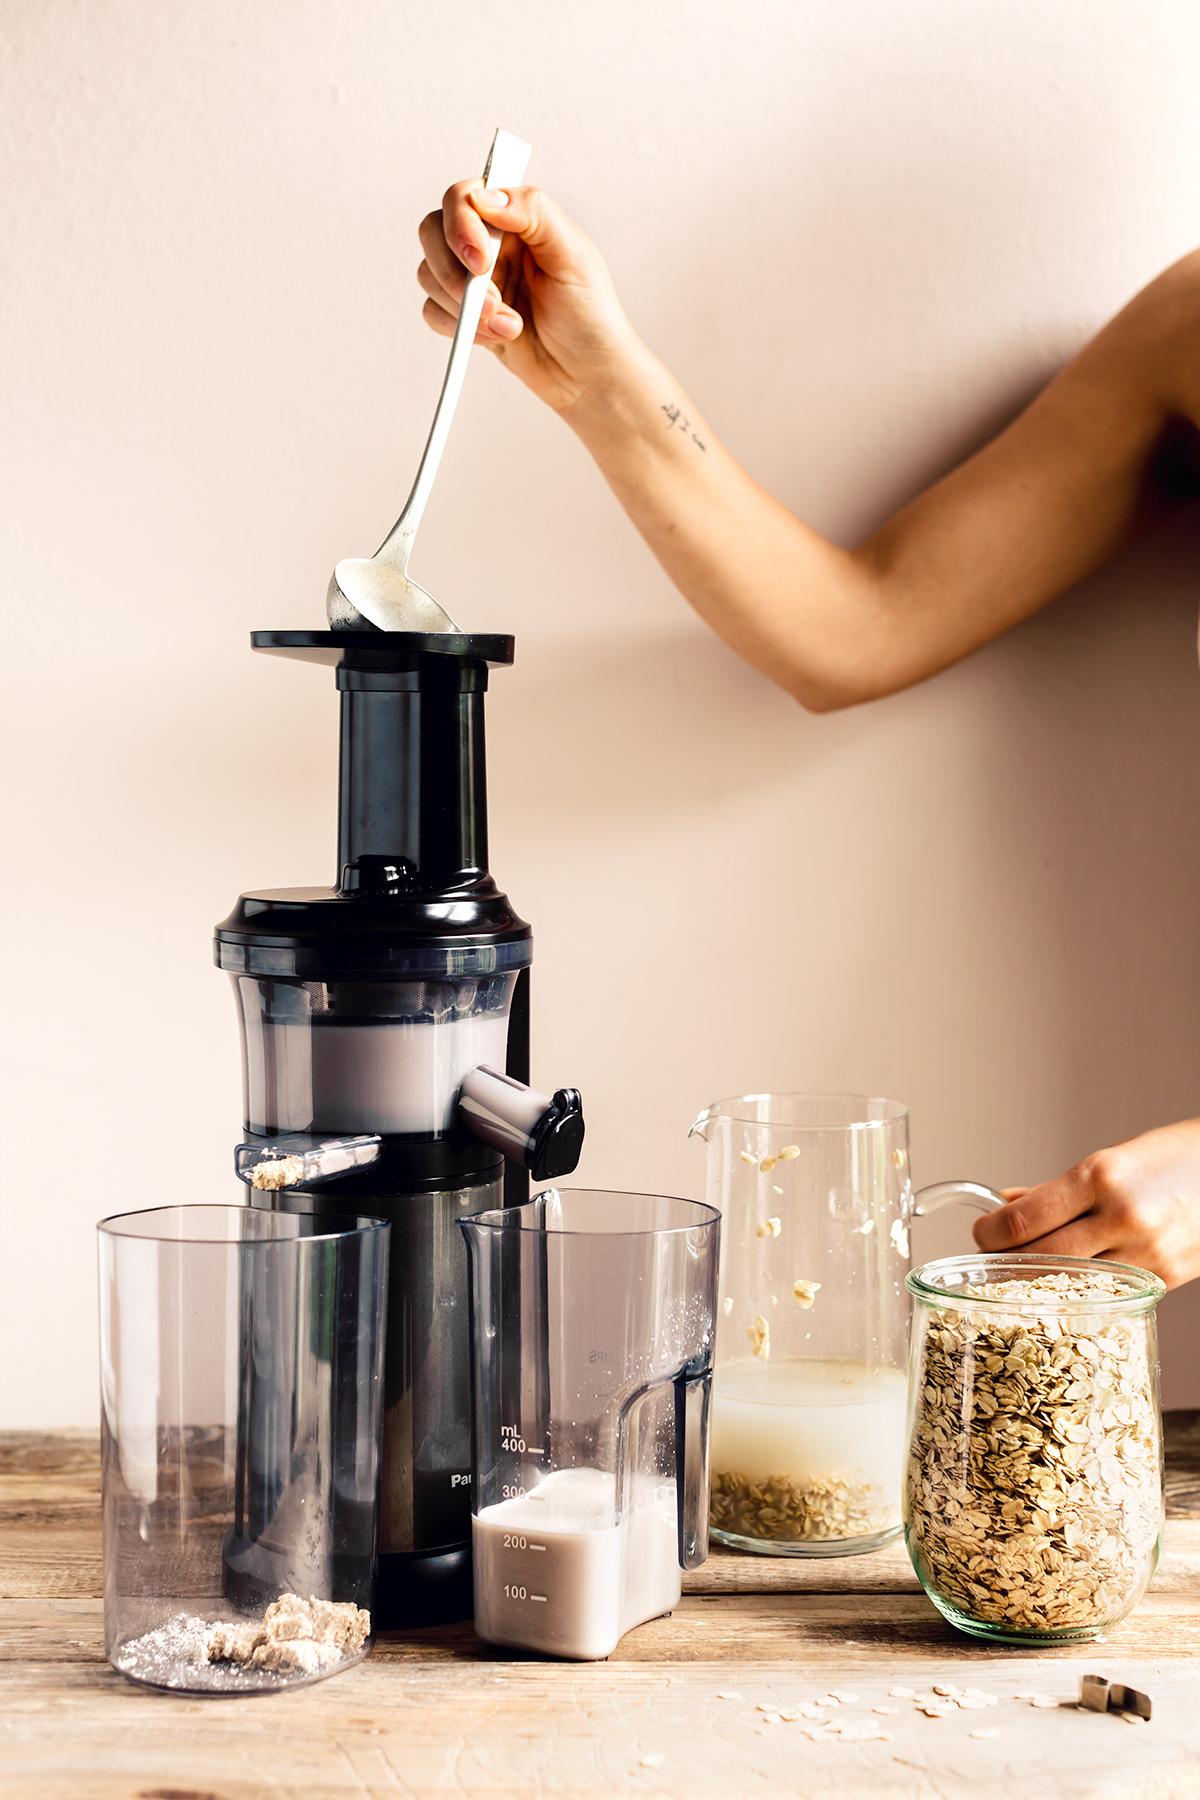 come preparare il latte di avena fatto in casa con estrattore how to make homemade oat milk recipe vegan glutenfree nutfree